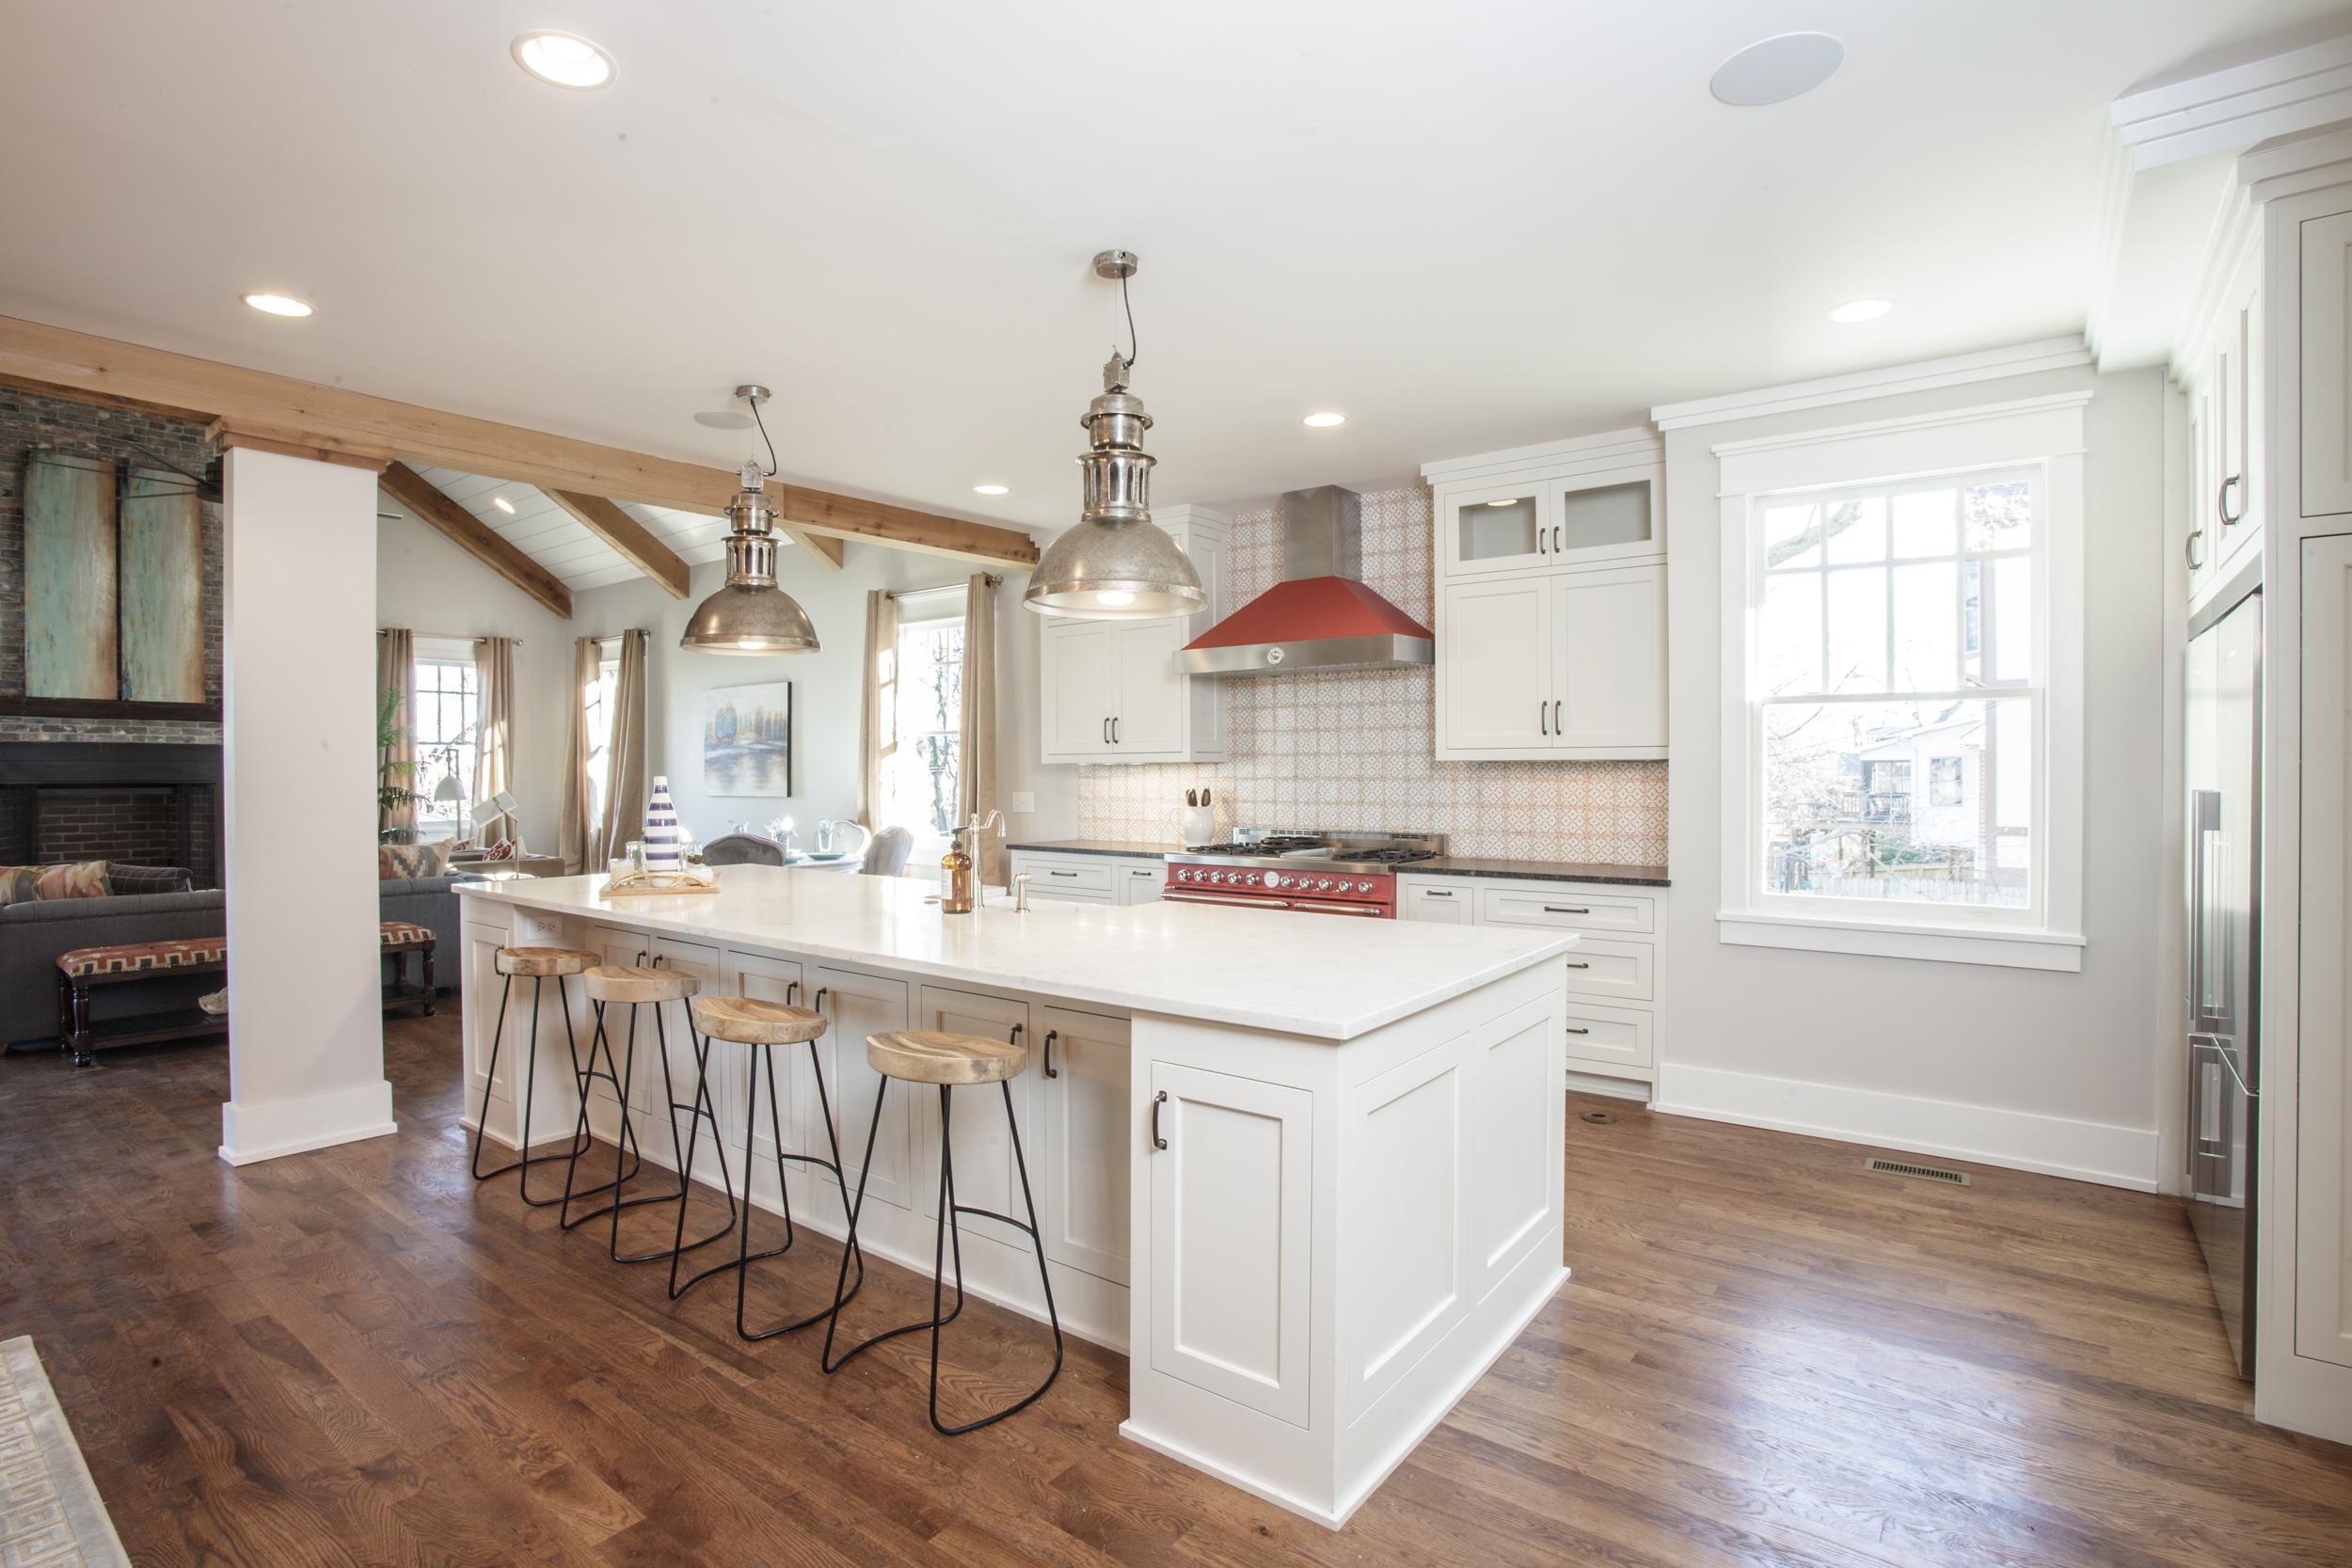 britt-development-group-nashville-tennessee-custom-home-builder-historic-renovation-0579.jpg